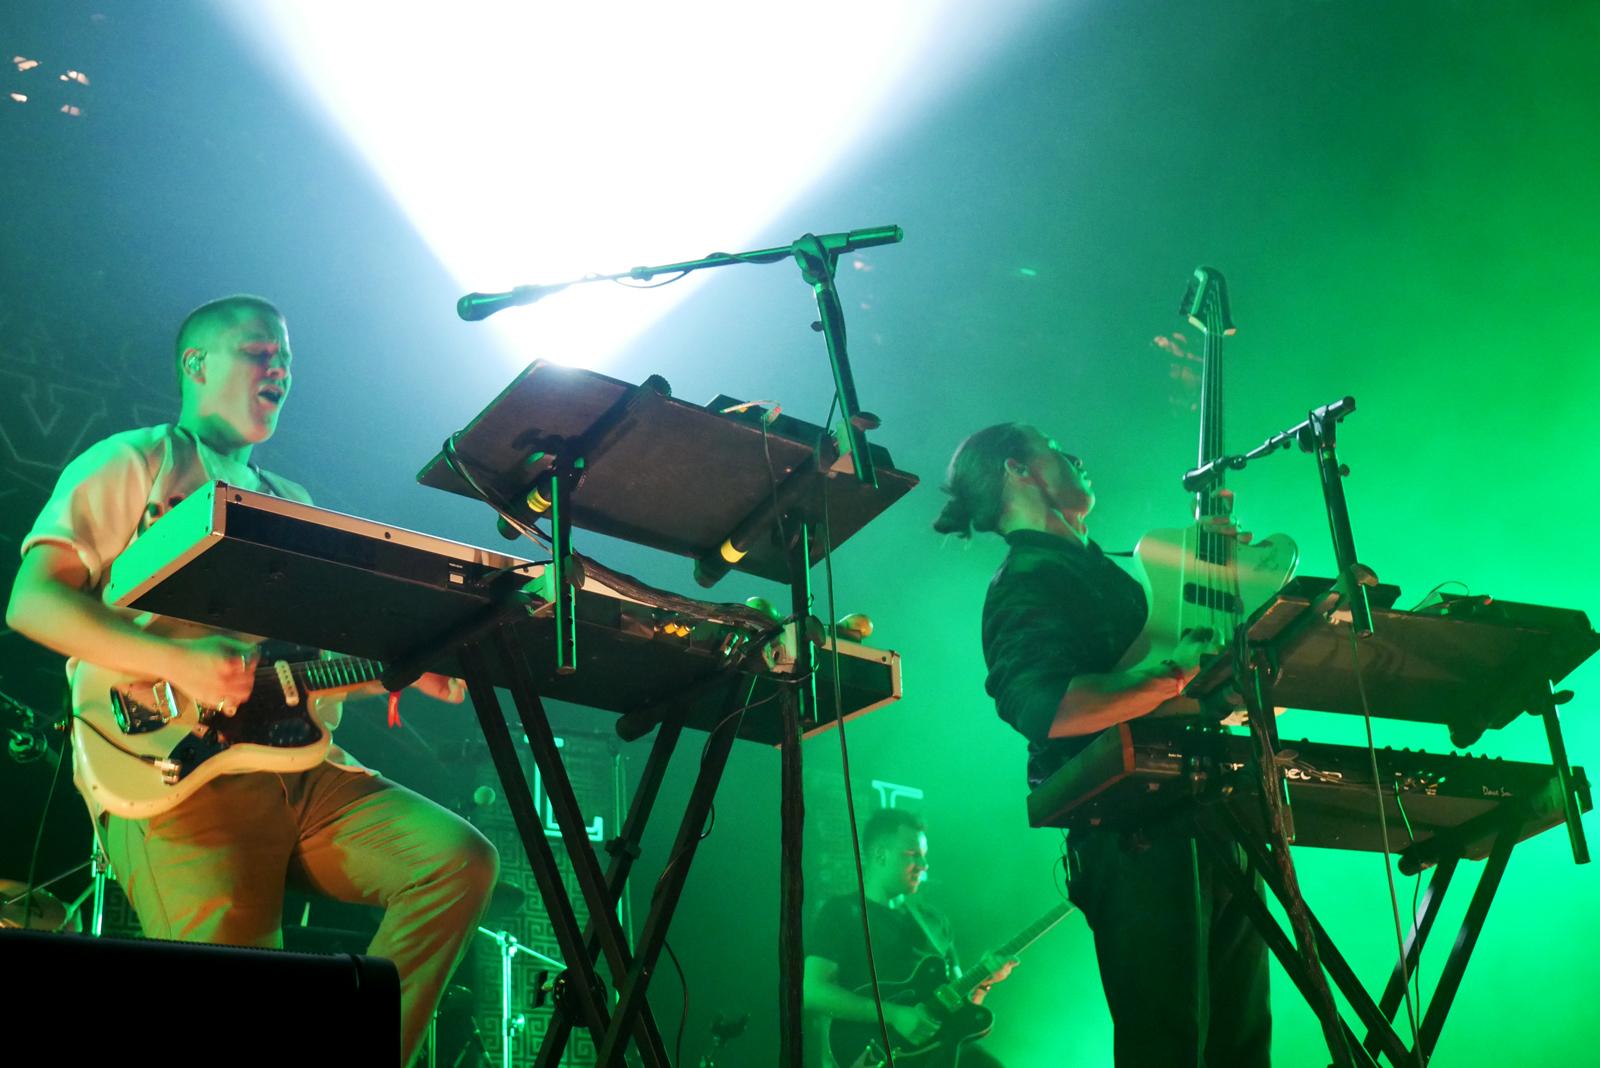 Jungle Fnac live 2016 festival été électro scène concert musique report photo by blog united states of paris